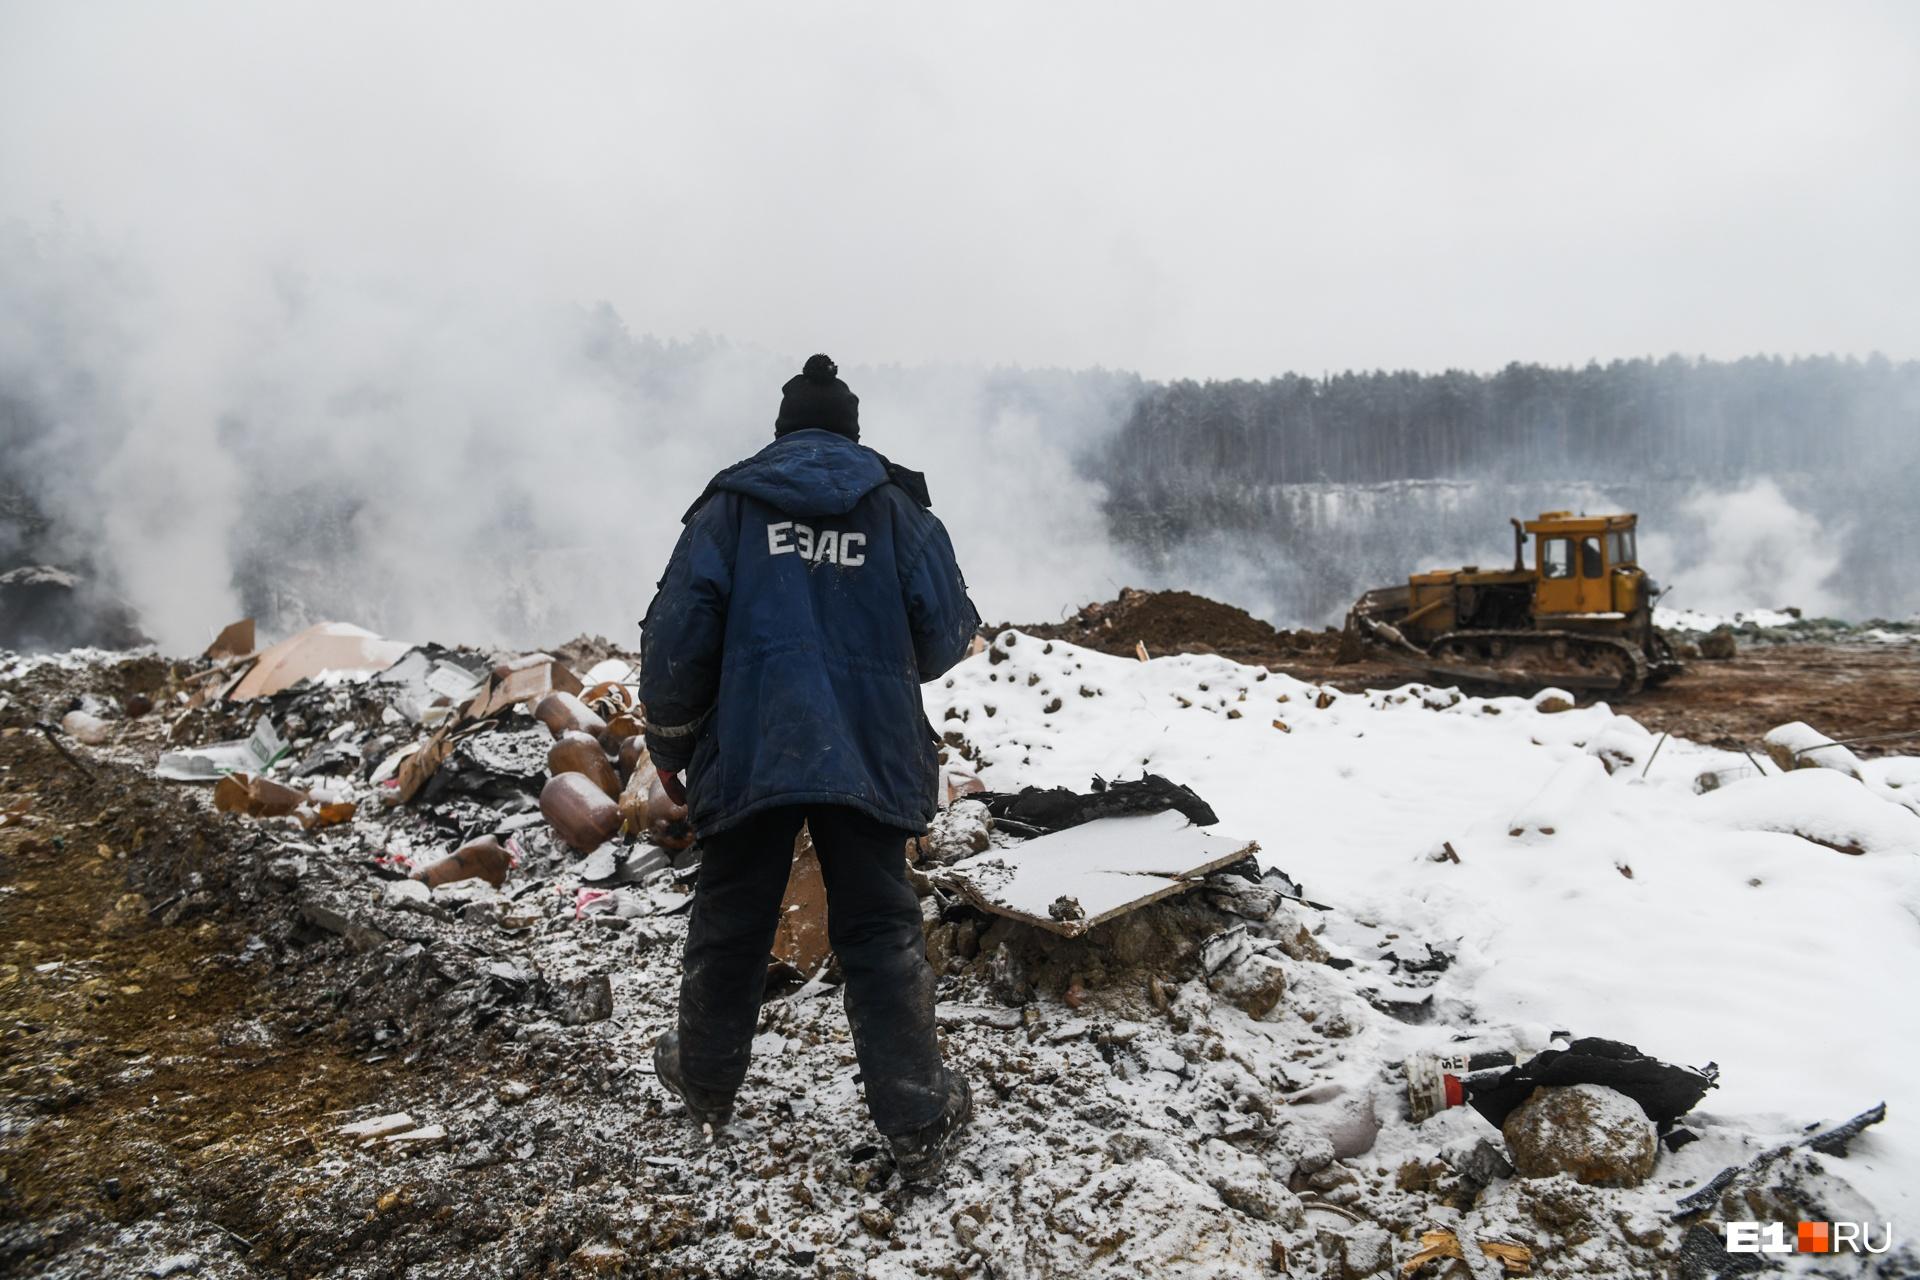 Для борьбы с огнем на горящей свалке выделяли бульдозер, который ровнял дорогу для снеговозов, трактор сгорел через несколько дней